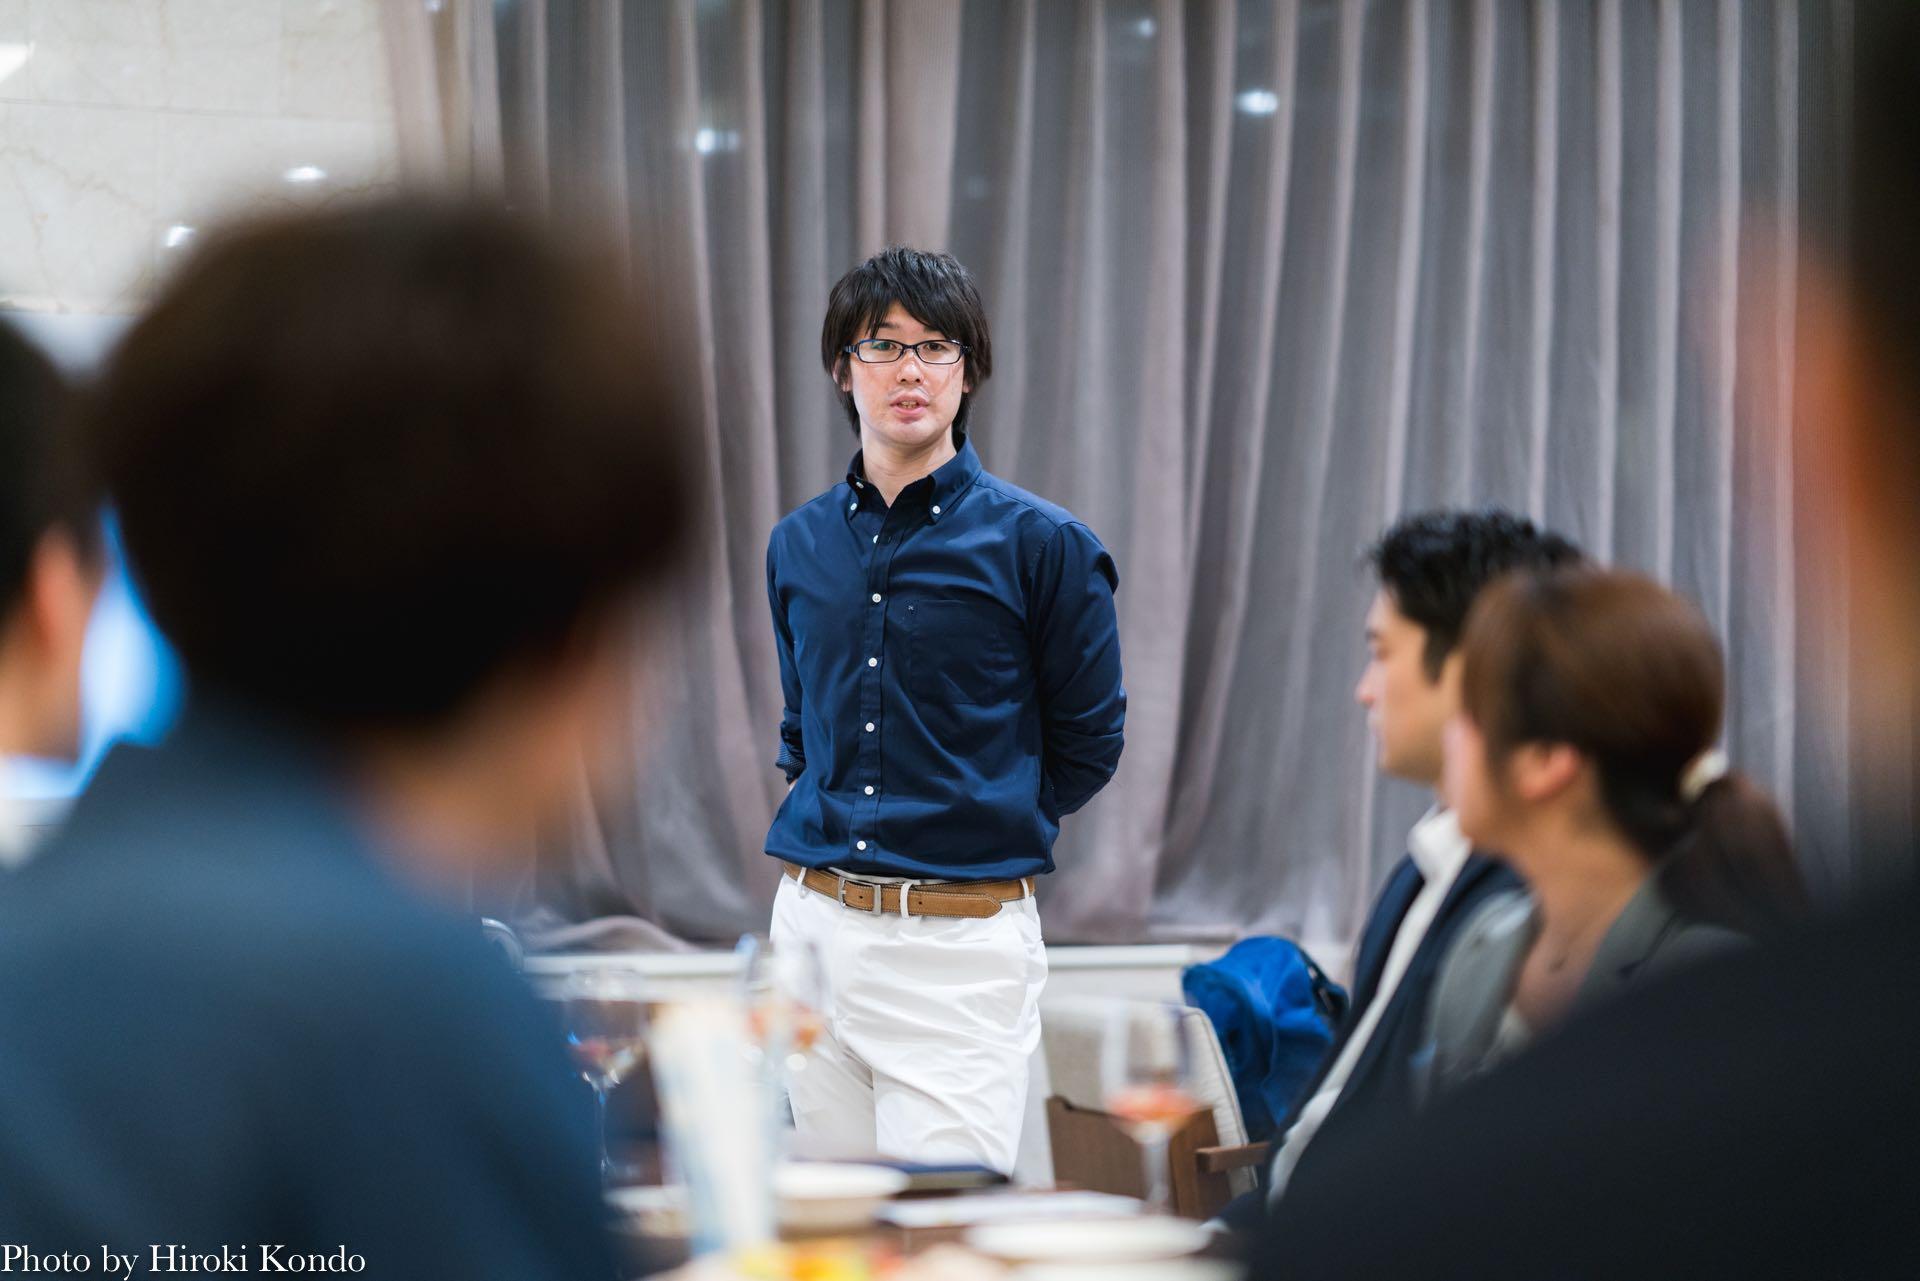 KAIGO LAB SCHOOL 第1期生(卒業生)水澤弘之亮が起業します。